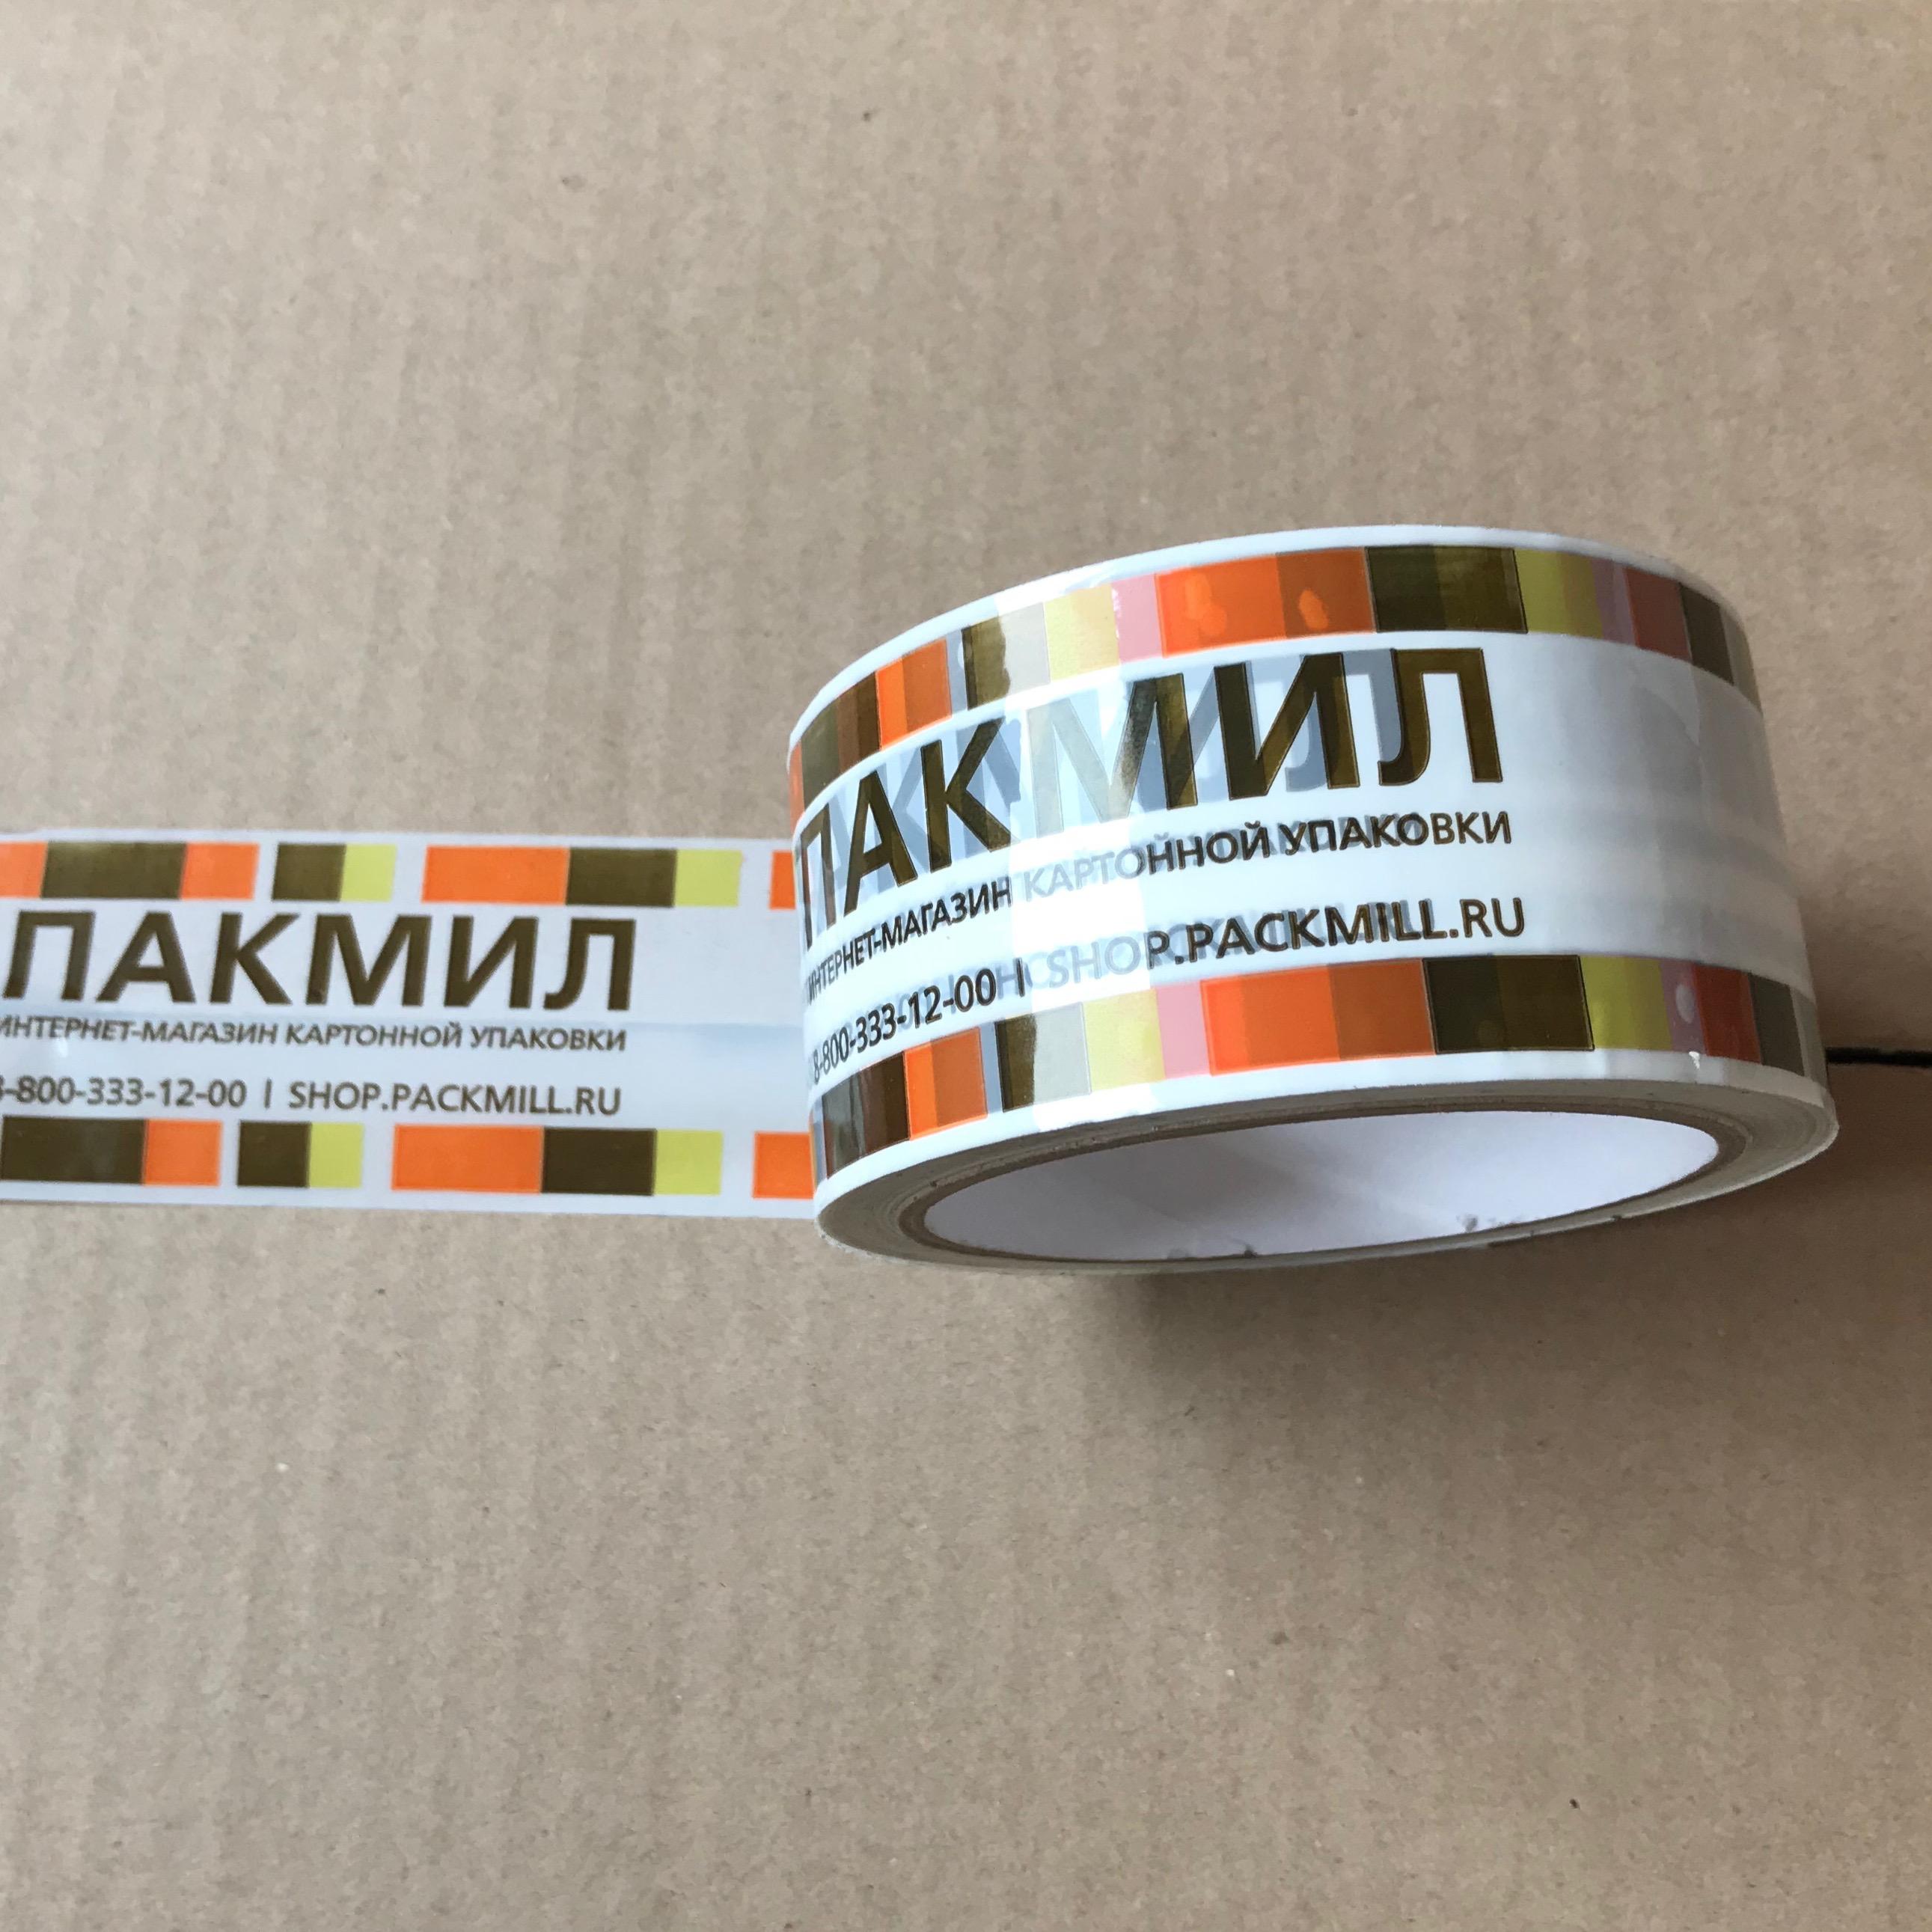 Скотч ПАКМИЛ широкий 50м   № 1001002